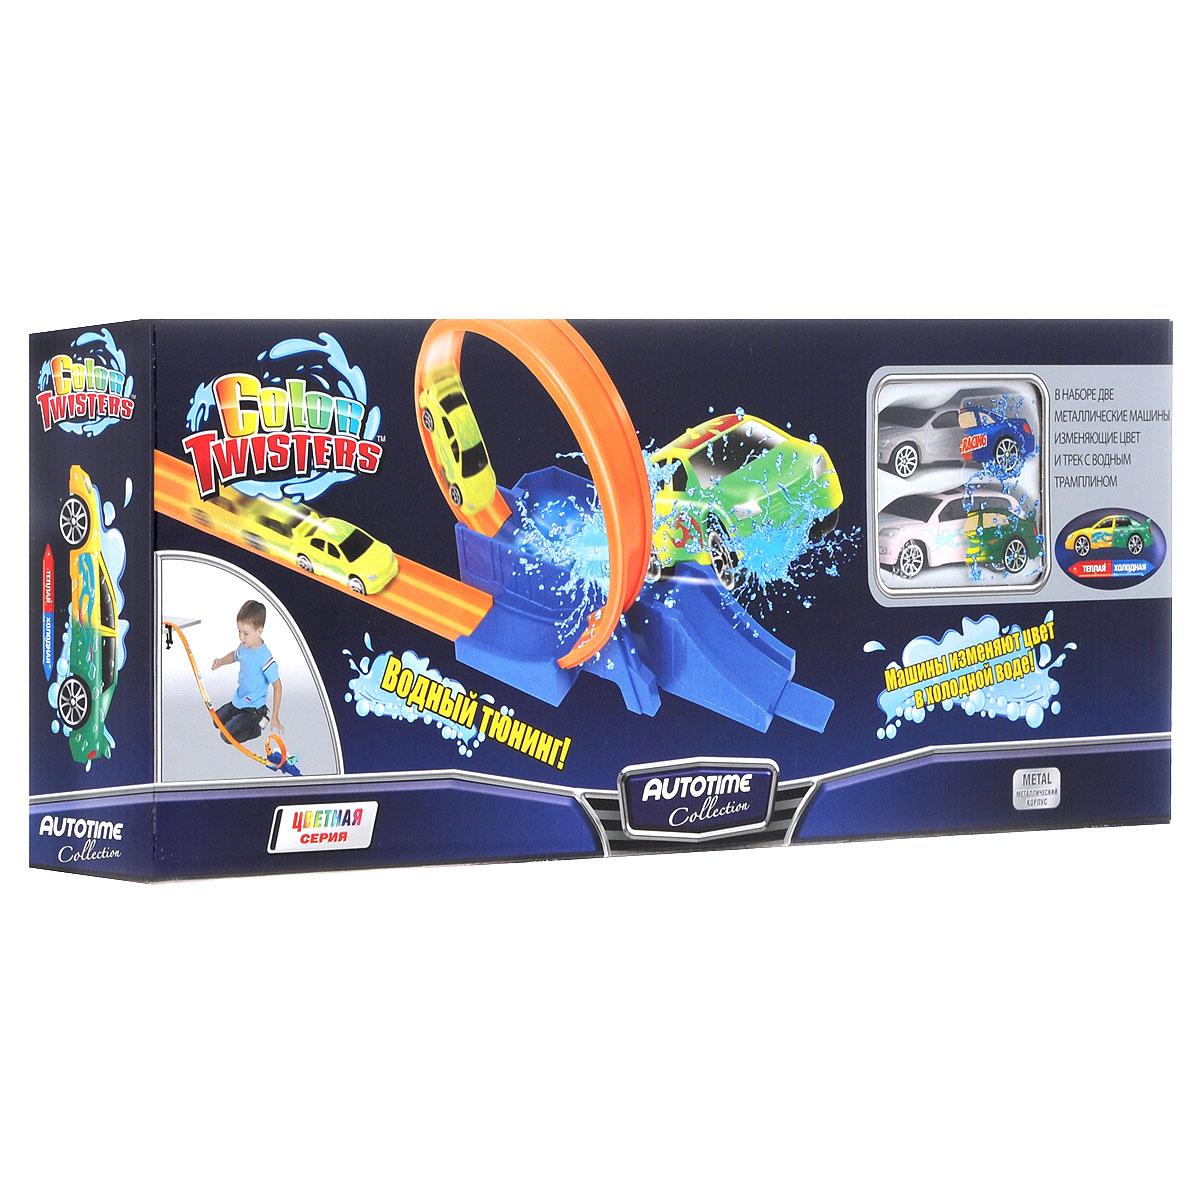 Autotime Игровой набор Color Twisters, с треком. 78179/02-RUS набор для сборки машинки s2 muscle car deluxe modarri